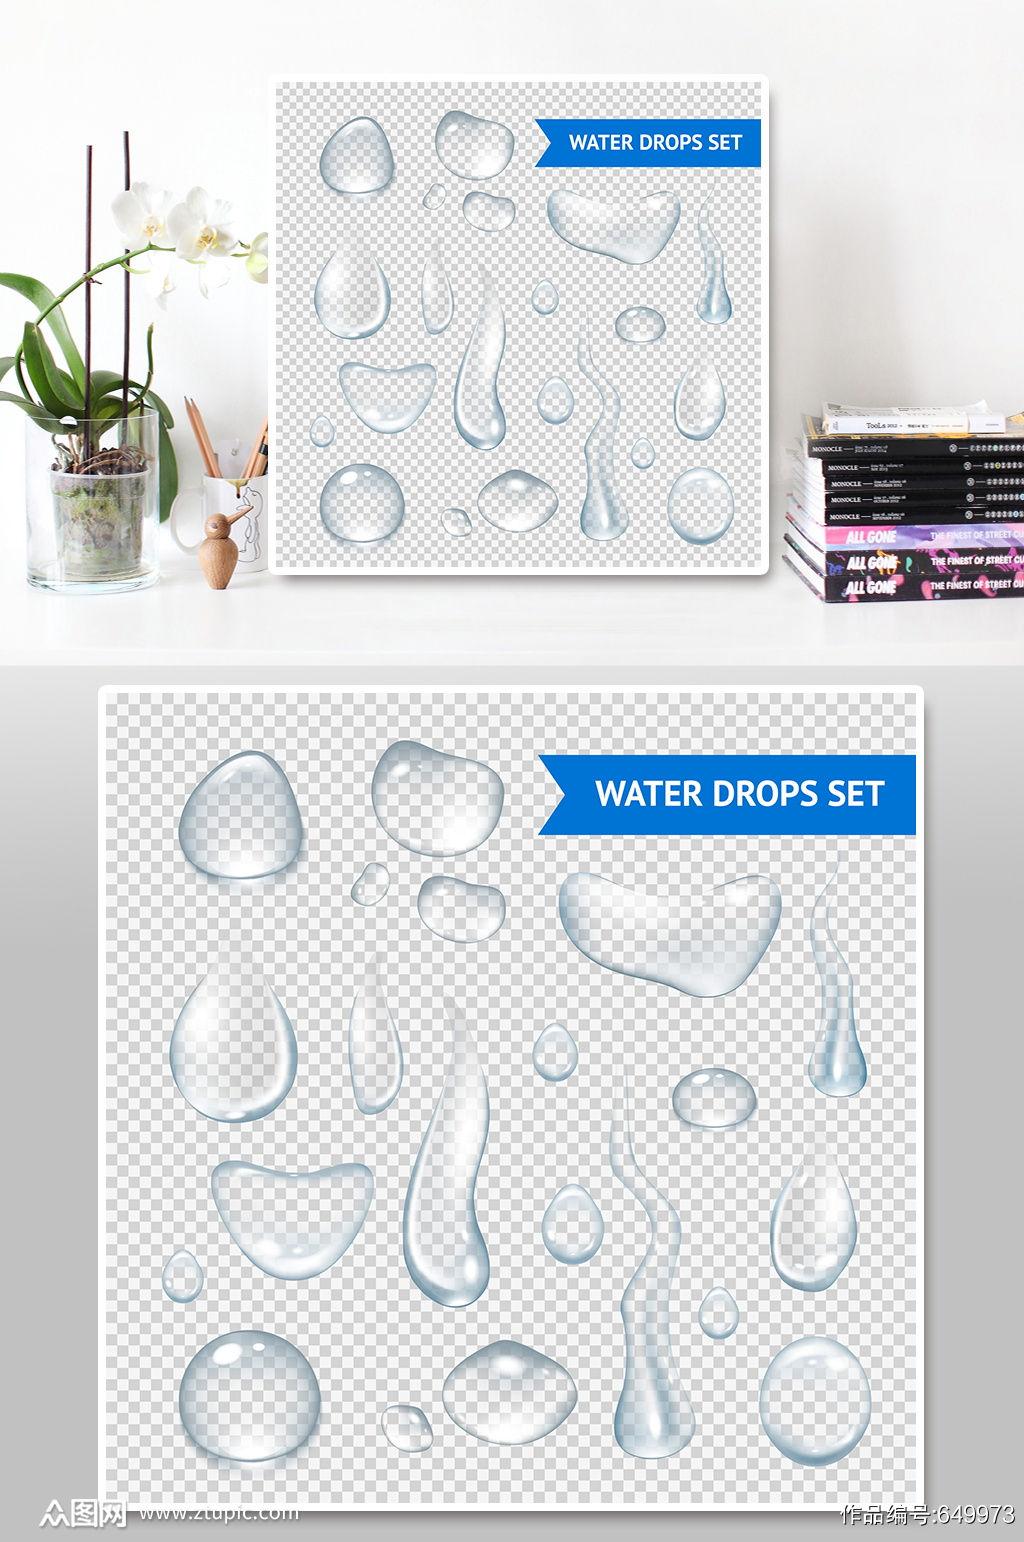 水珠水滴水泡气泡透明素材素材